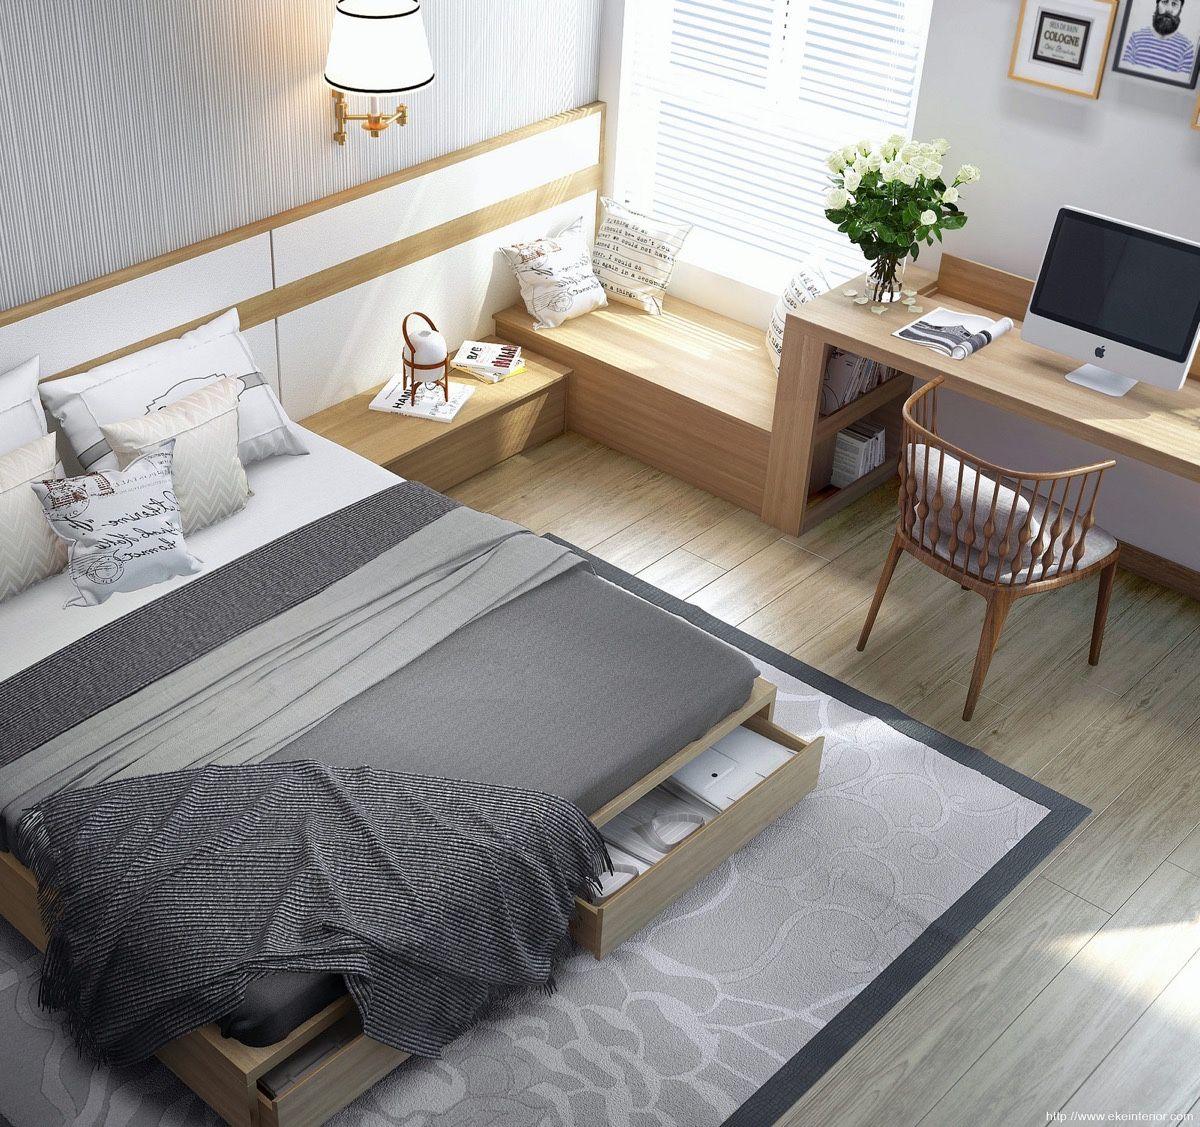 Hãy luôn nhớ quy tắc nhiều công năng cho một món đồ trong một căn phòng nhỏ. Chính vì vậy hãy chọn những chiếc giường có ngăn kéo - món đồ nội thất giúp lưu trữ tuyệt vời.